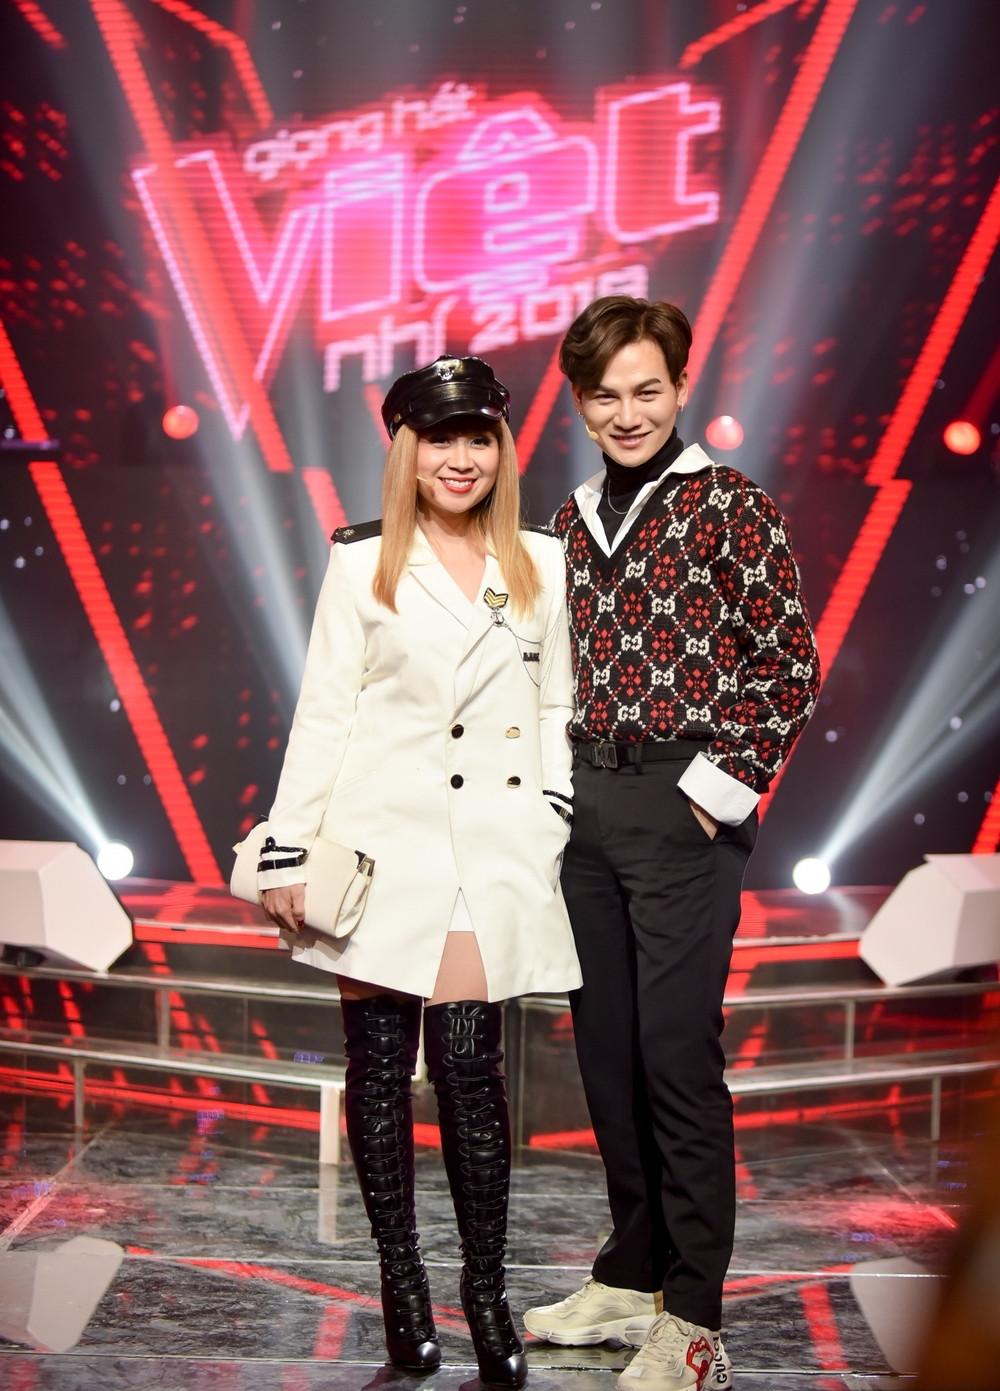 Ali Hoàng Dương bị chê kém duyên khi nhận xét Cô Hương Giang và cô Quỳnh Anh chưa chắc đã hát được như vậy